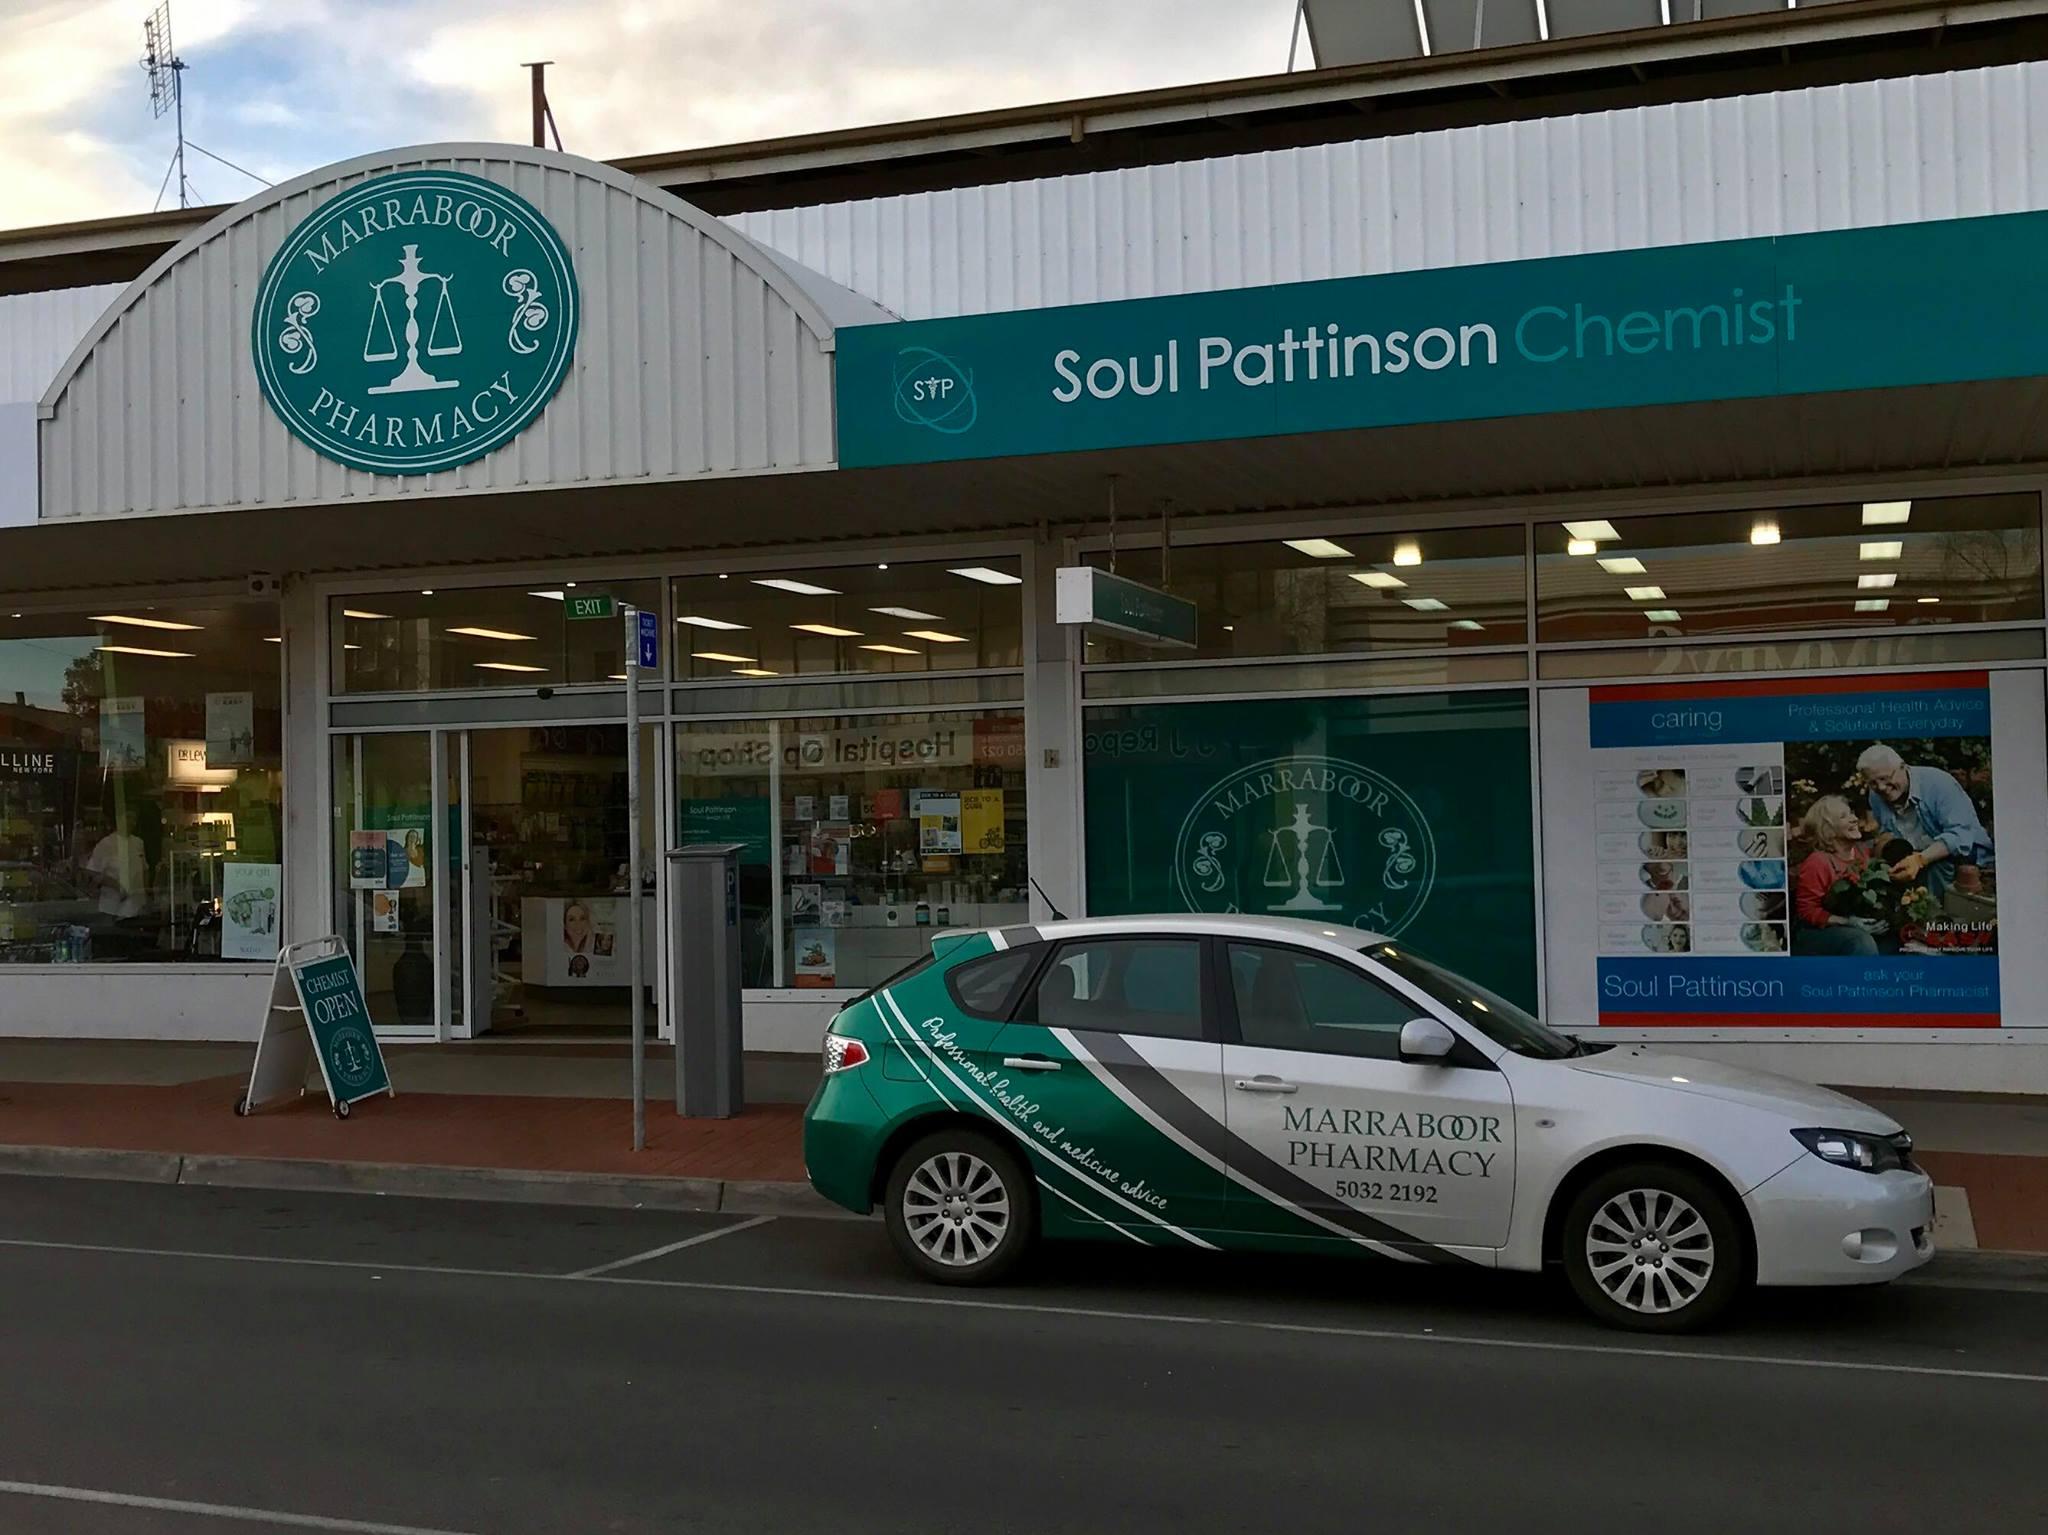 Marraboor Pharmacy